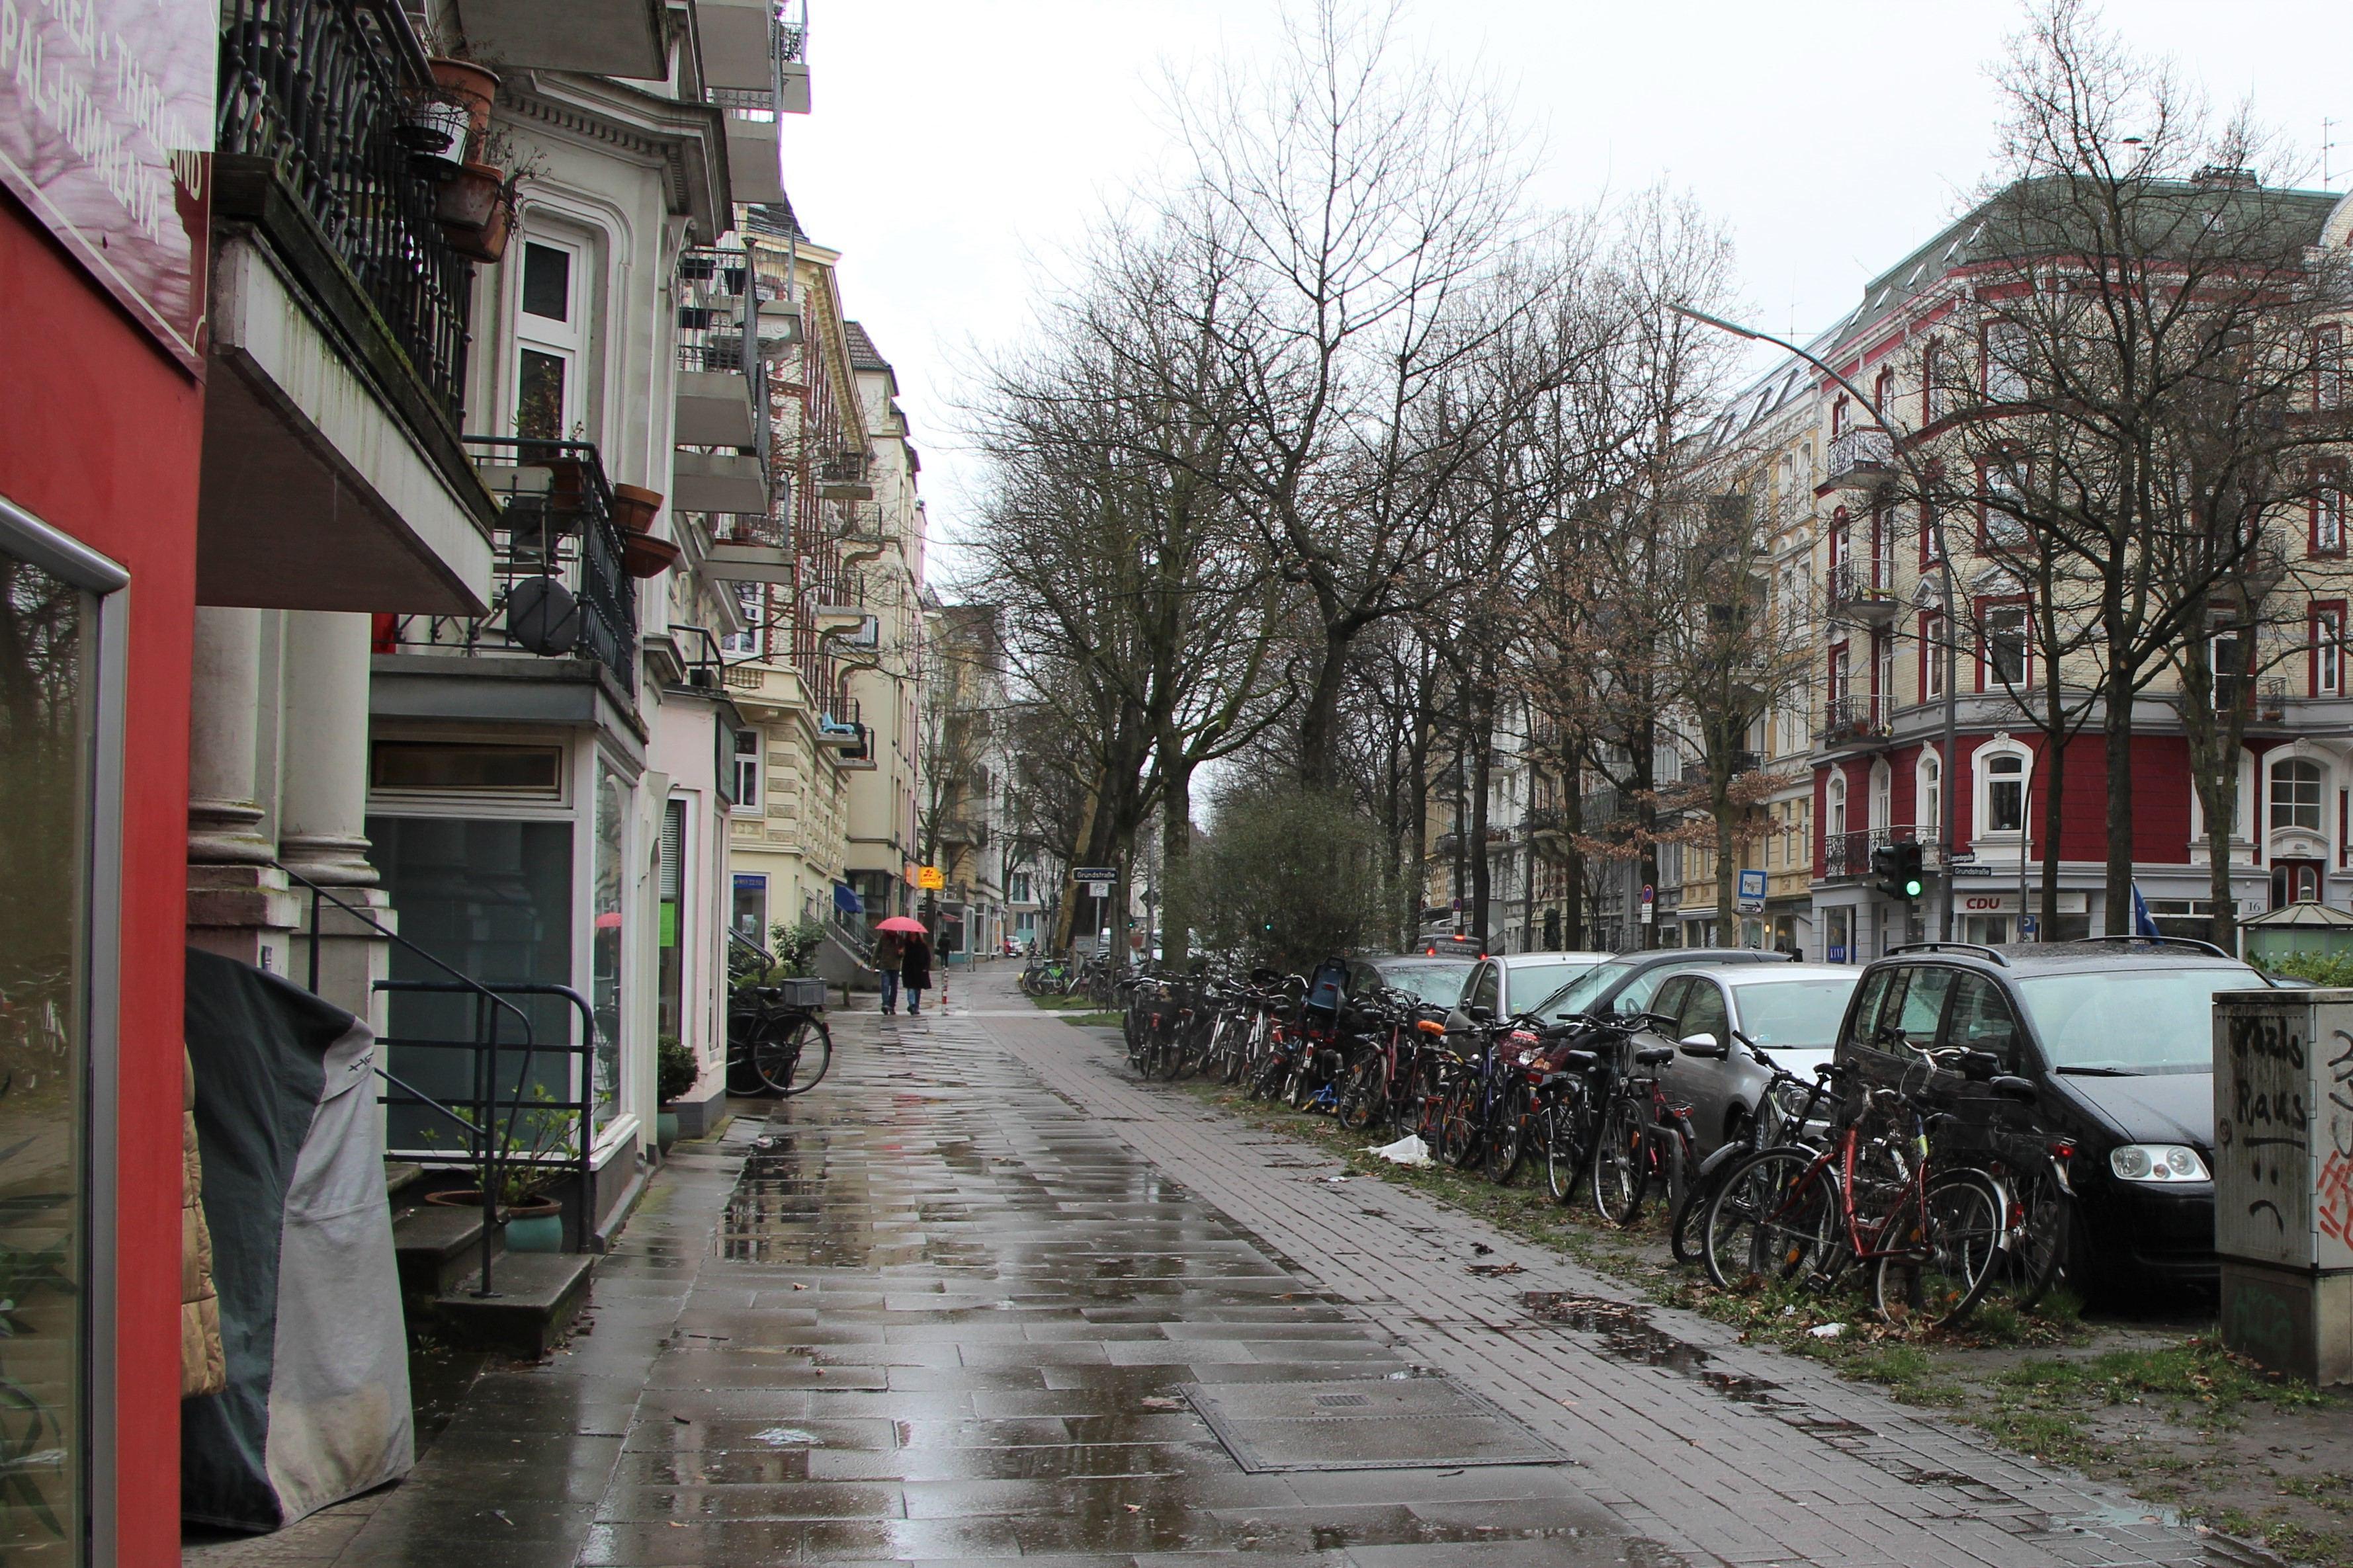 Messerangriff: Streit unter Prostituierten in der Lappenbergsallee